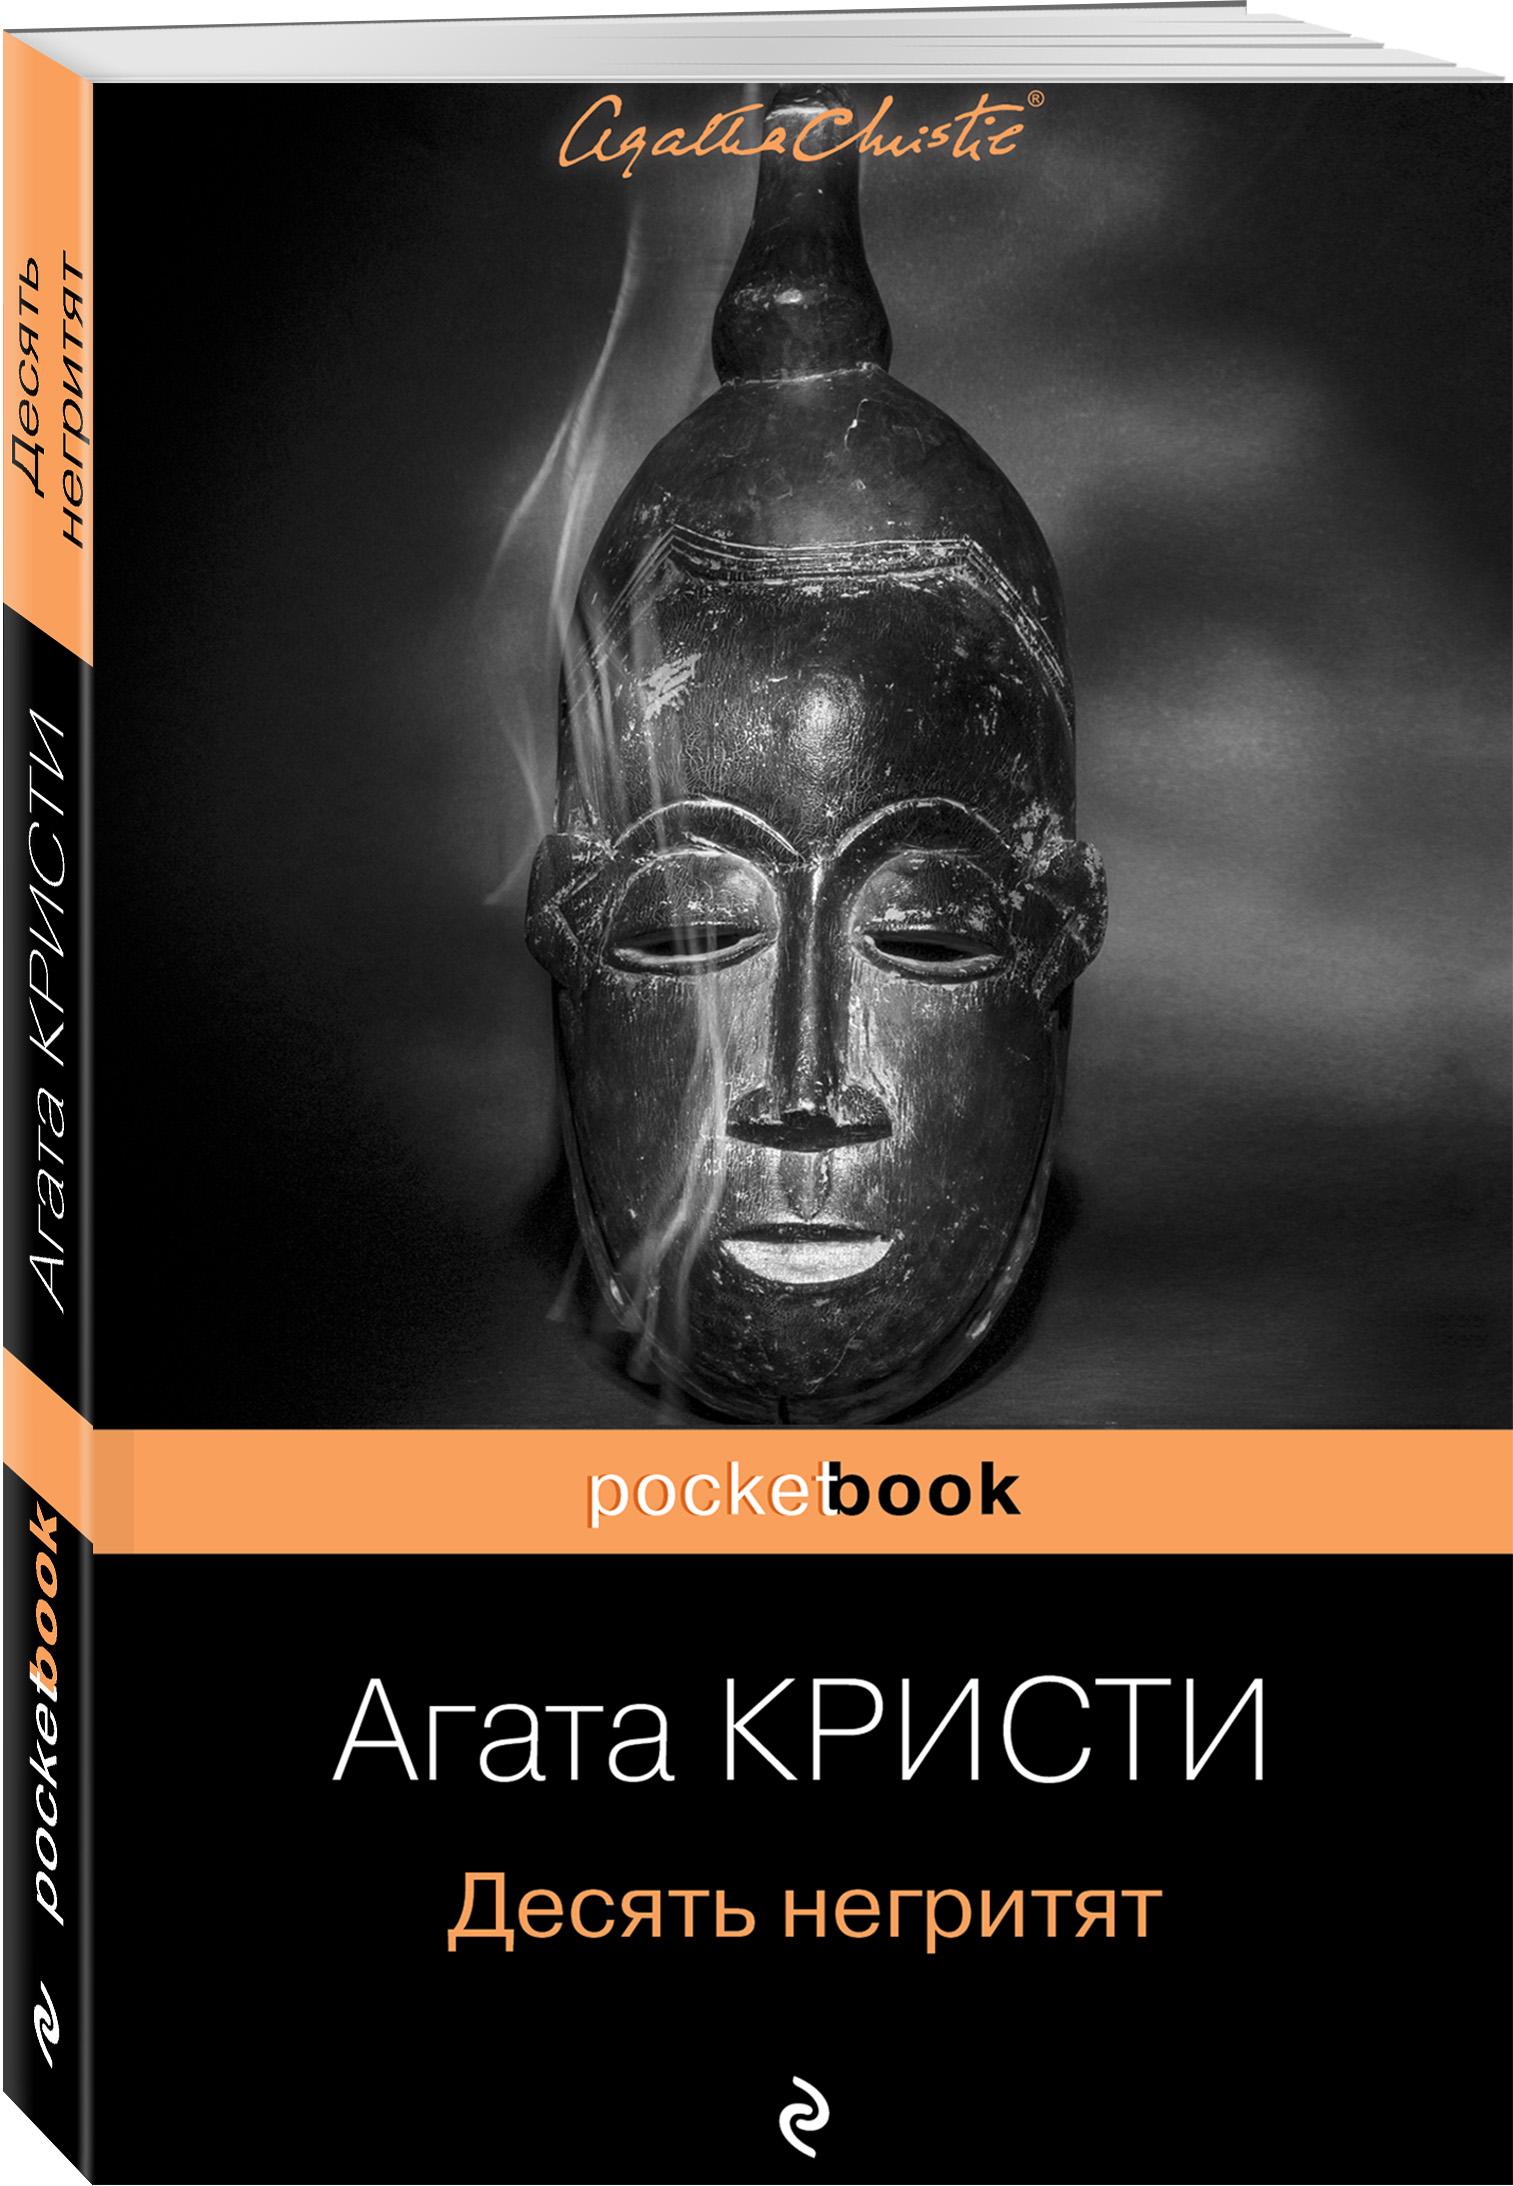 Кристи А. Десять негритят ISBN: 978-5-699-87189-6